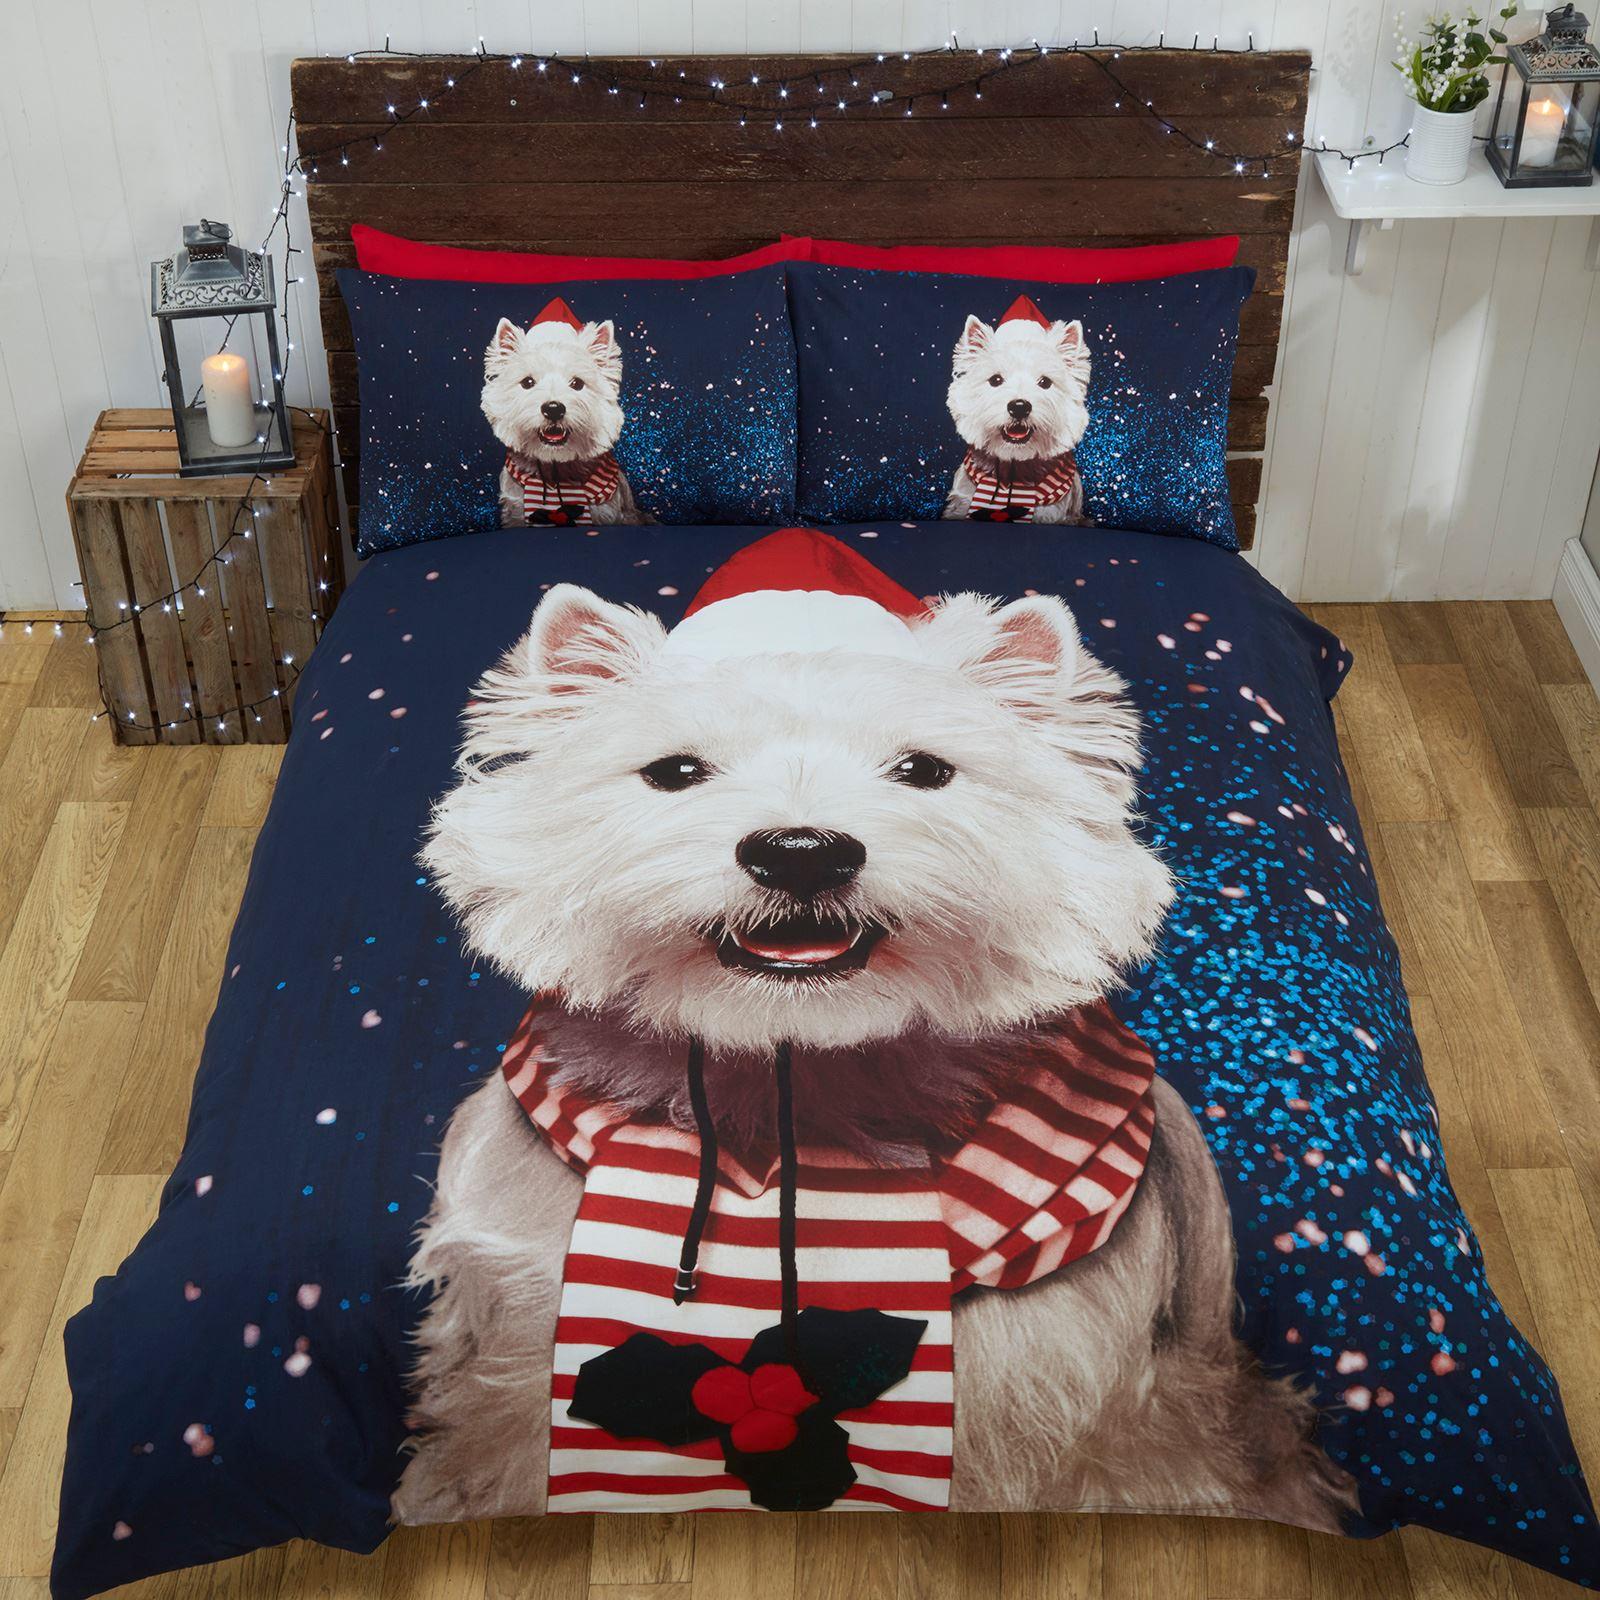 Indexbild 106 - Kinder Weihnachten Bettbezug Sets - Junior Einzel Doppel King - Elf Emoji Grinch